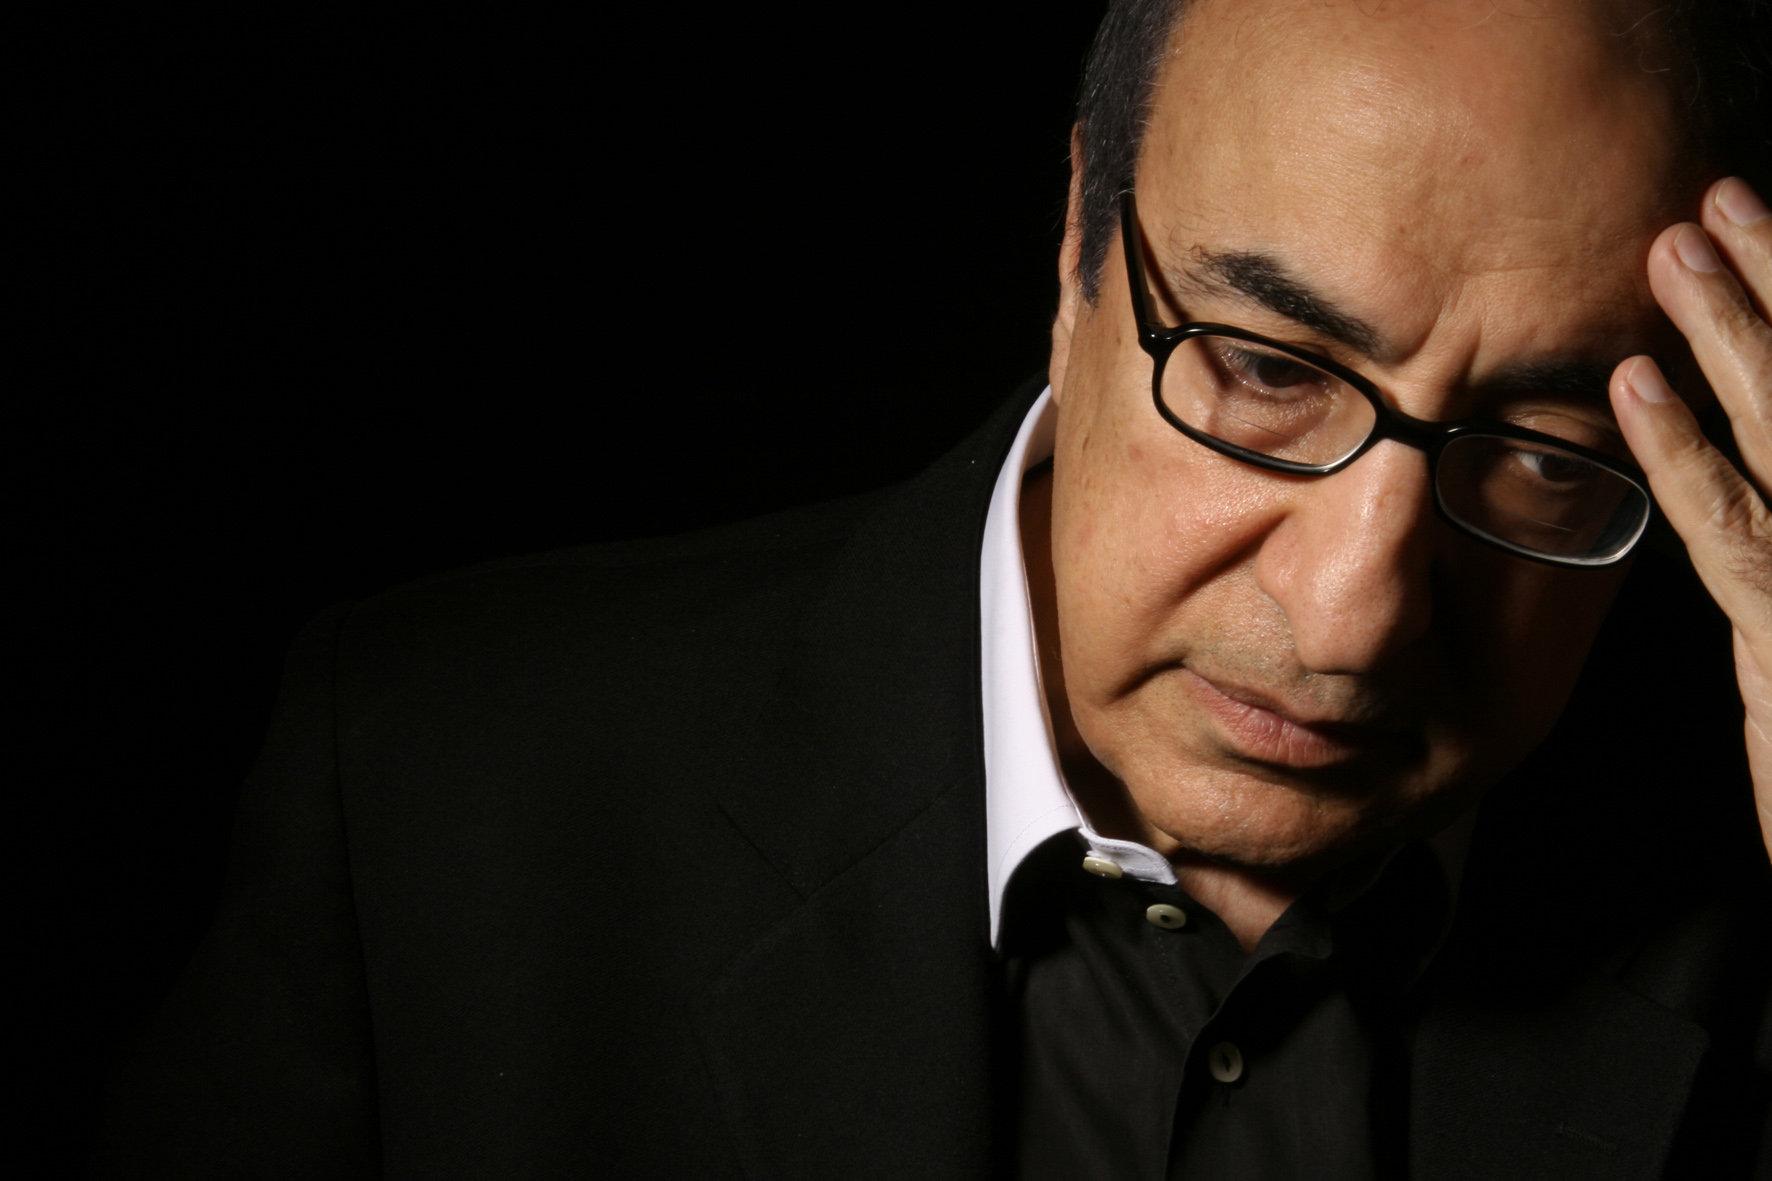 Elias Rahbani